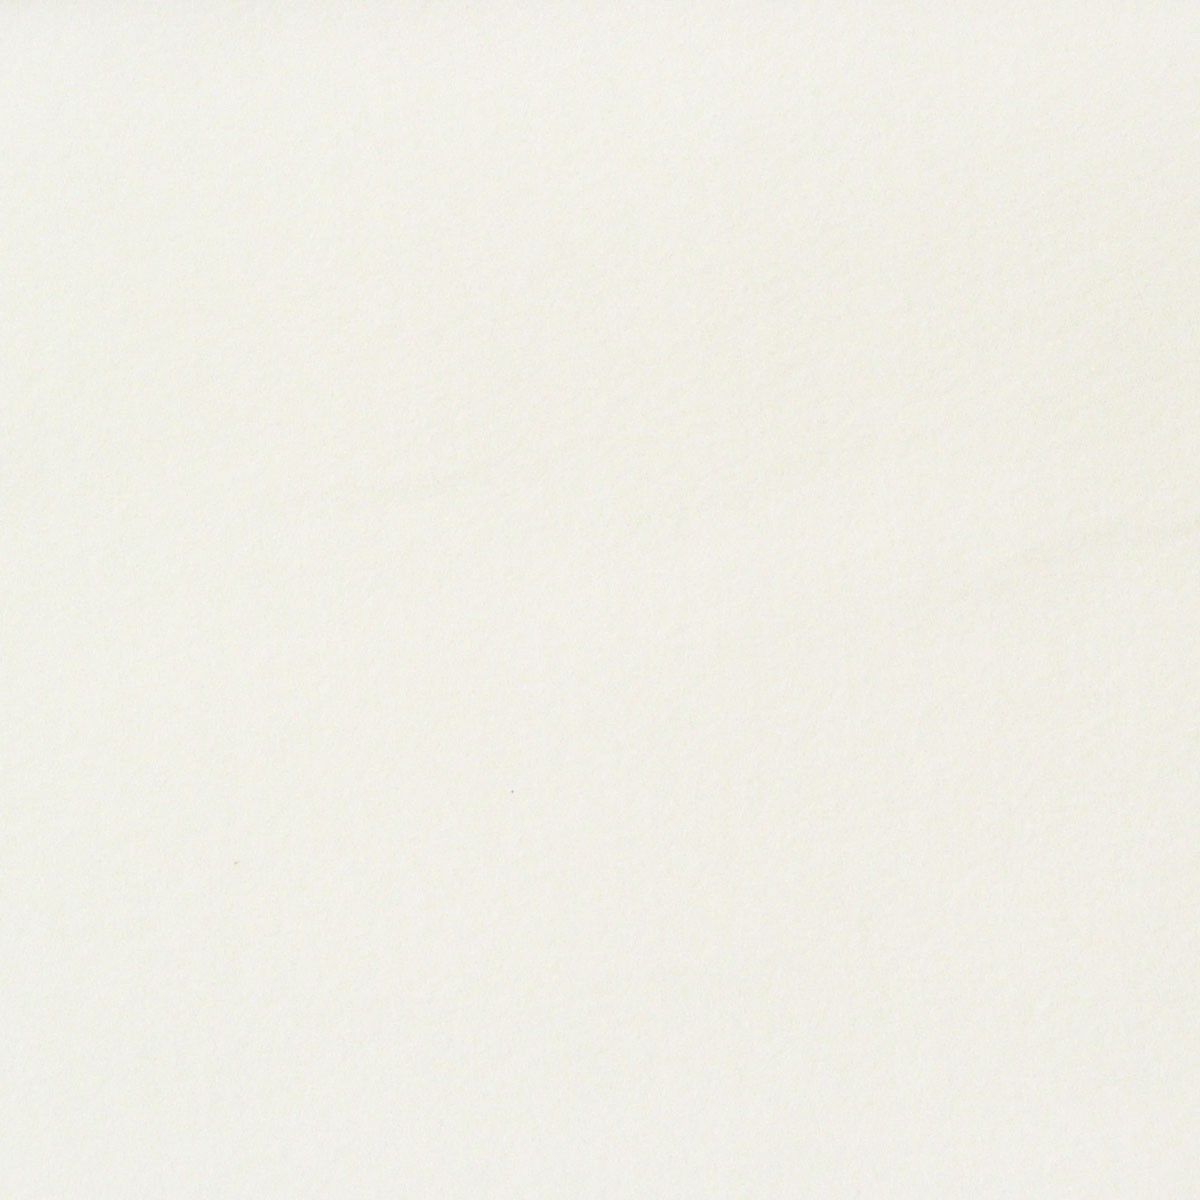 Kreativstoff Filz einfarbig weiß 180cm Breite 2mm Stärke